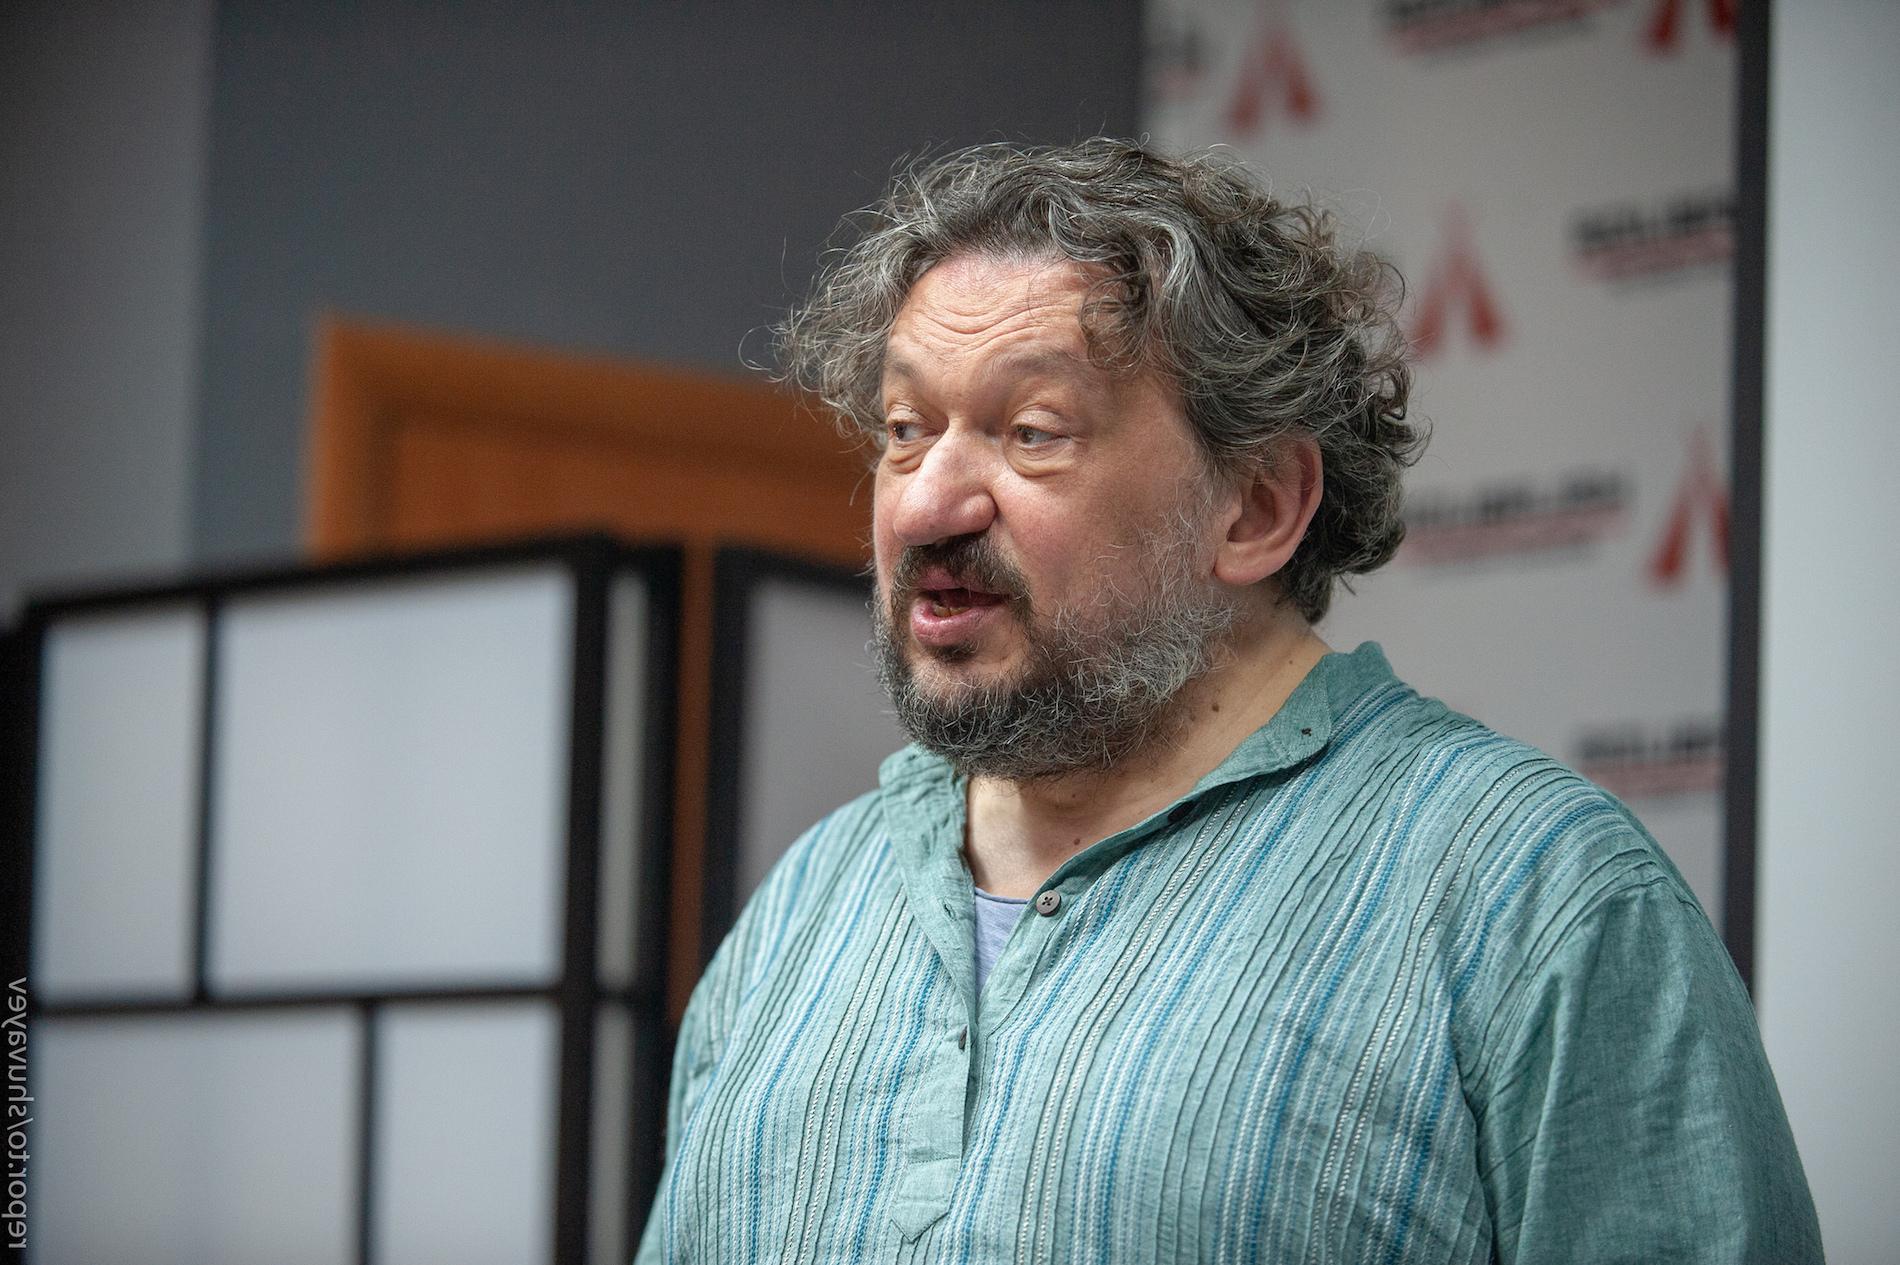 Владислав Троїцький, ЦСМ «Дах» – про мистецтво, смерть, життя та Україну